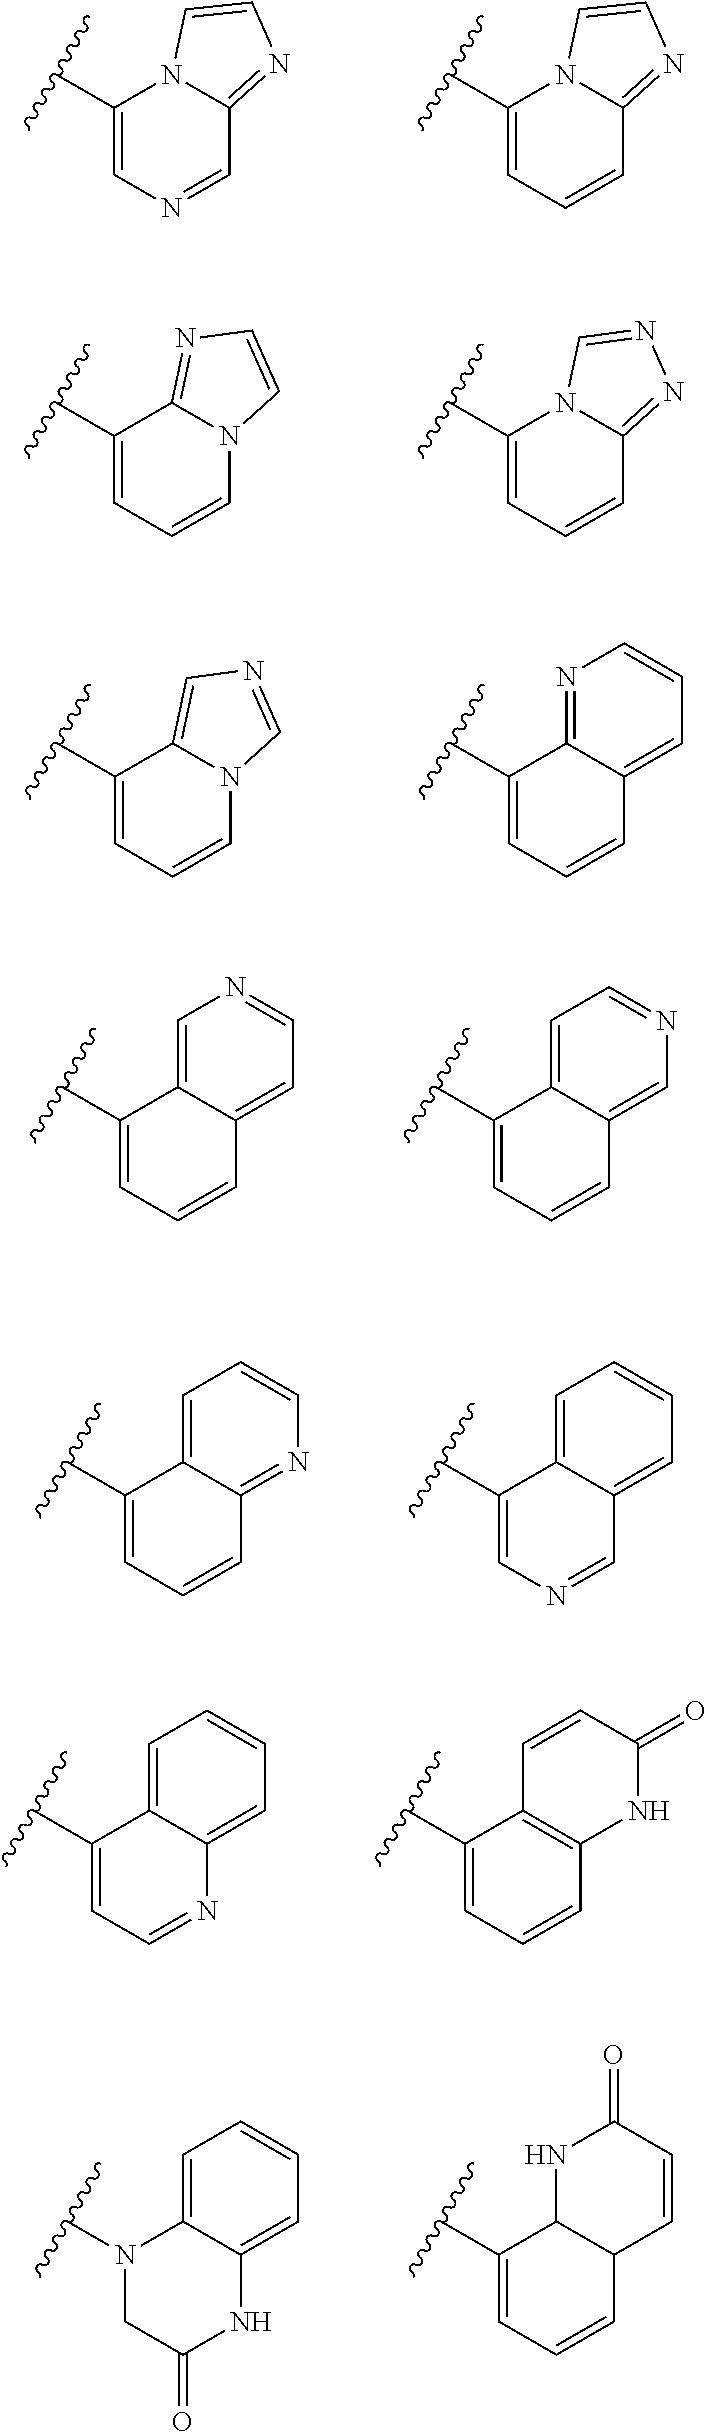 Figure US08173650-20120508-C00037